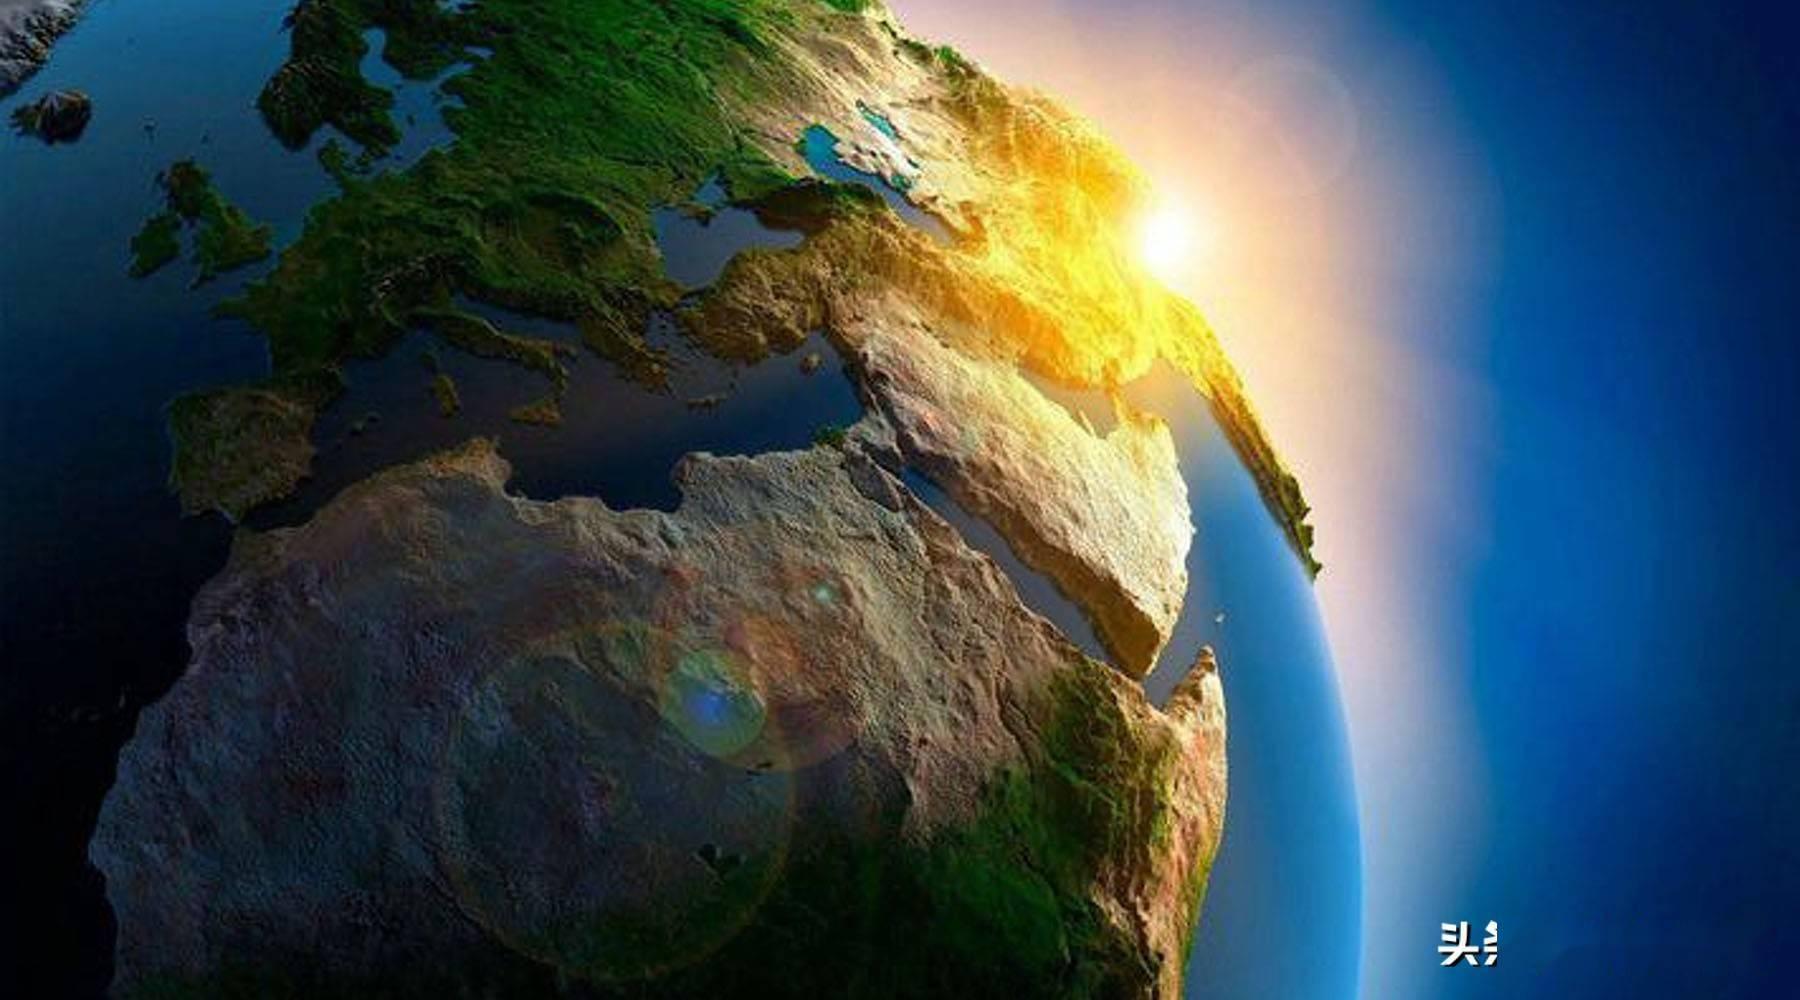 夏天地球离太阳远为什么还热【精选8篇】 为什么离太阳越近越冷